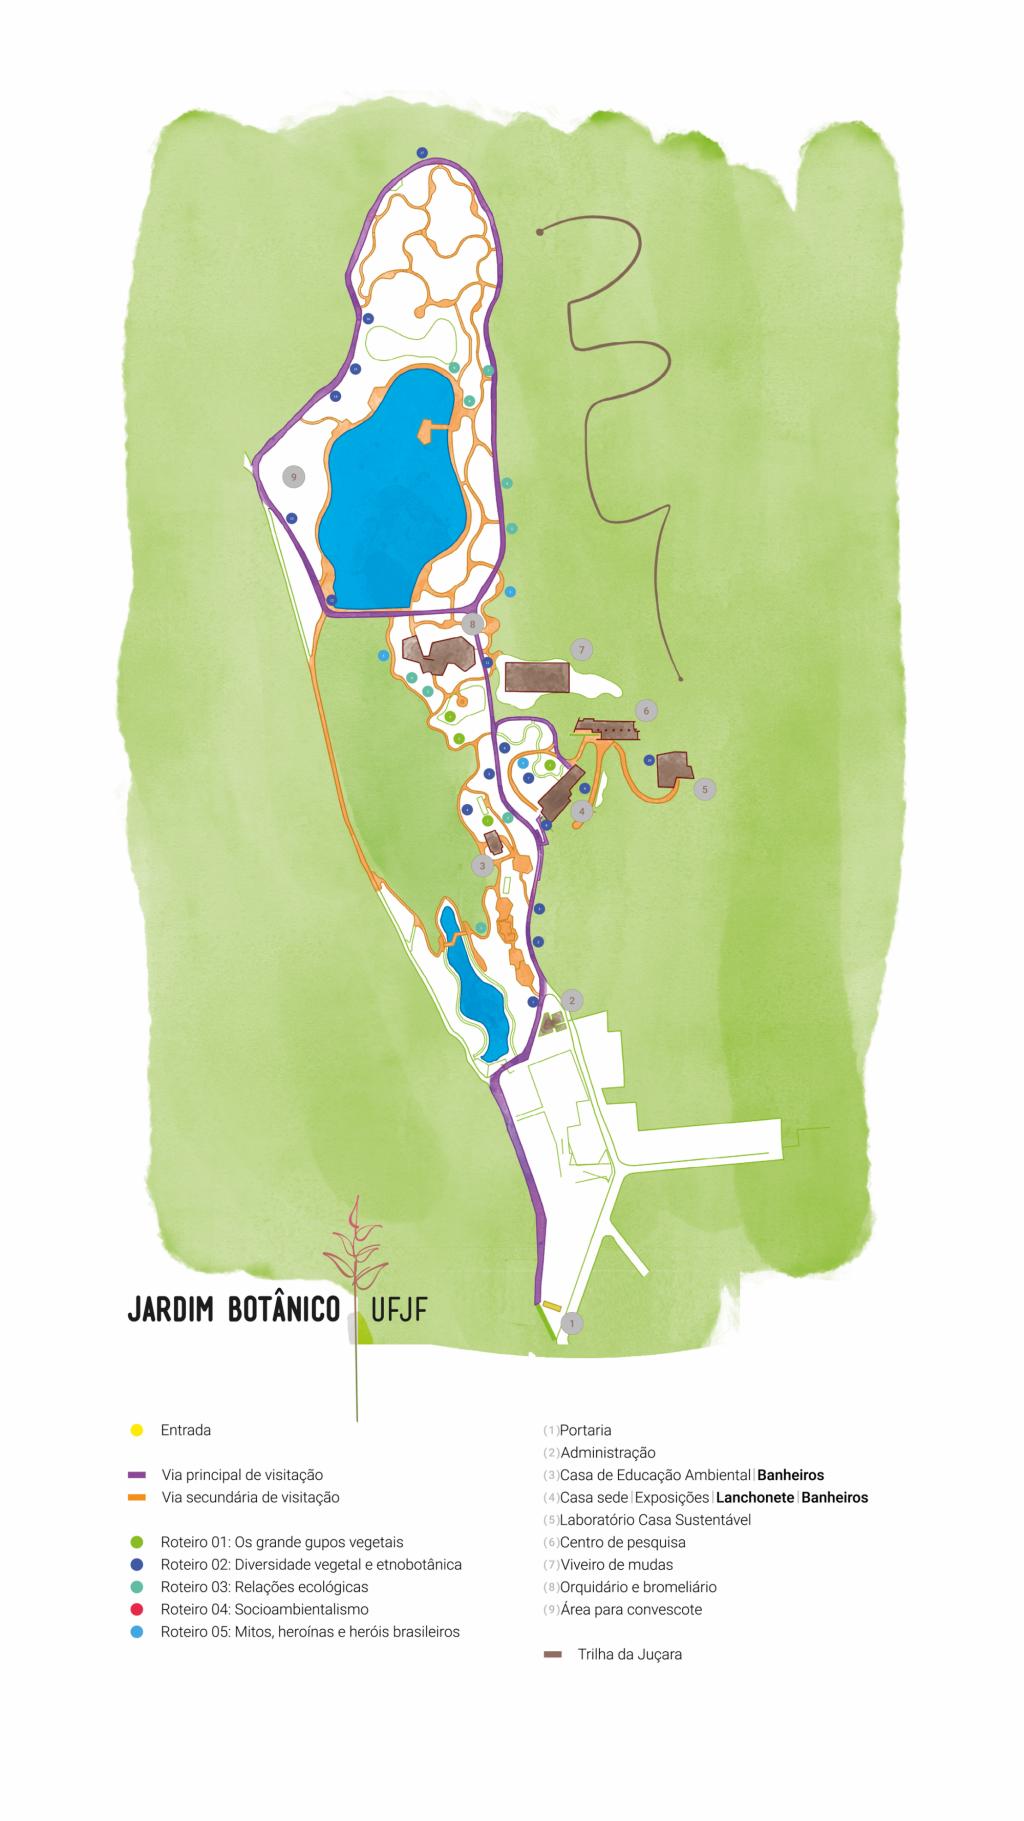 Mapa_Jardim_Botanico_da_UFJF_